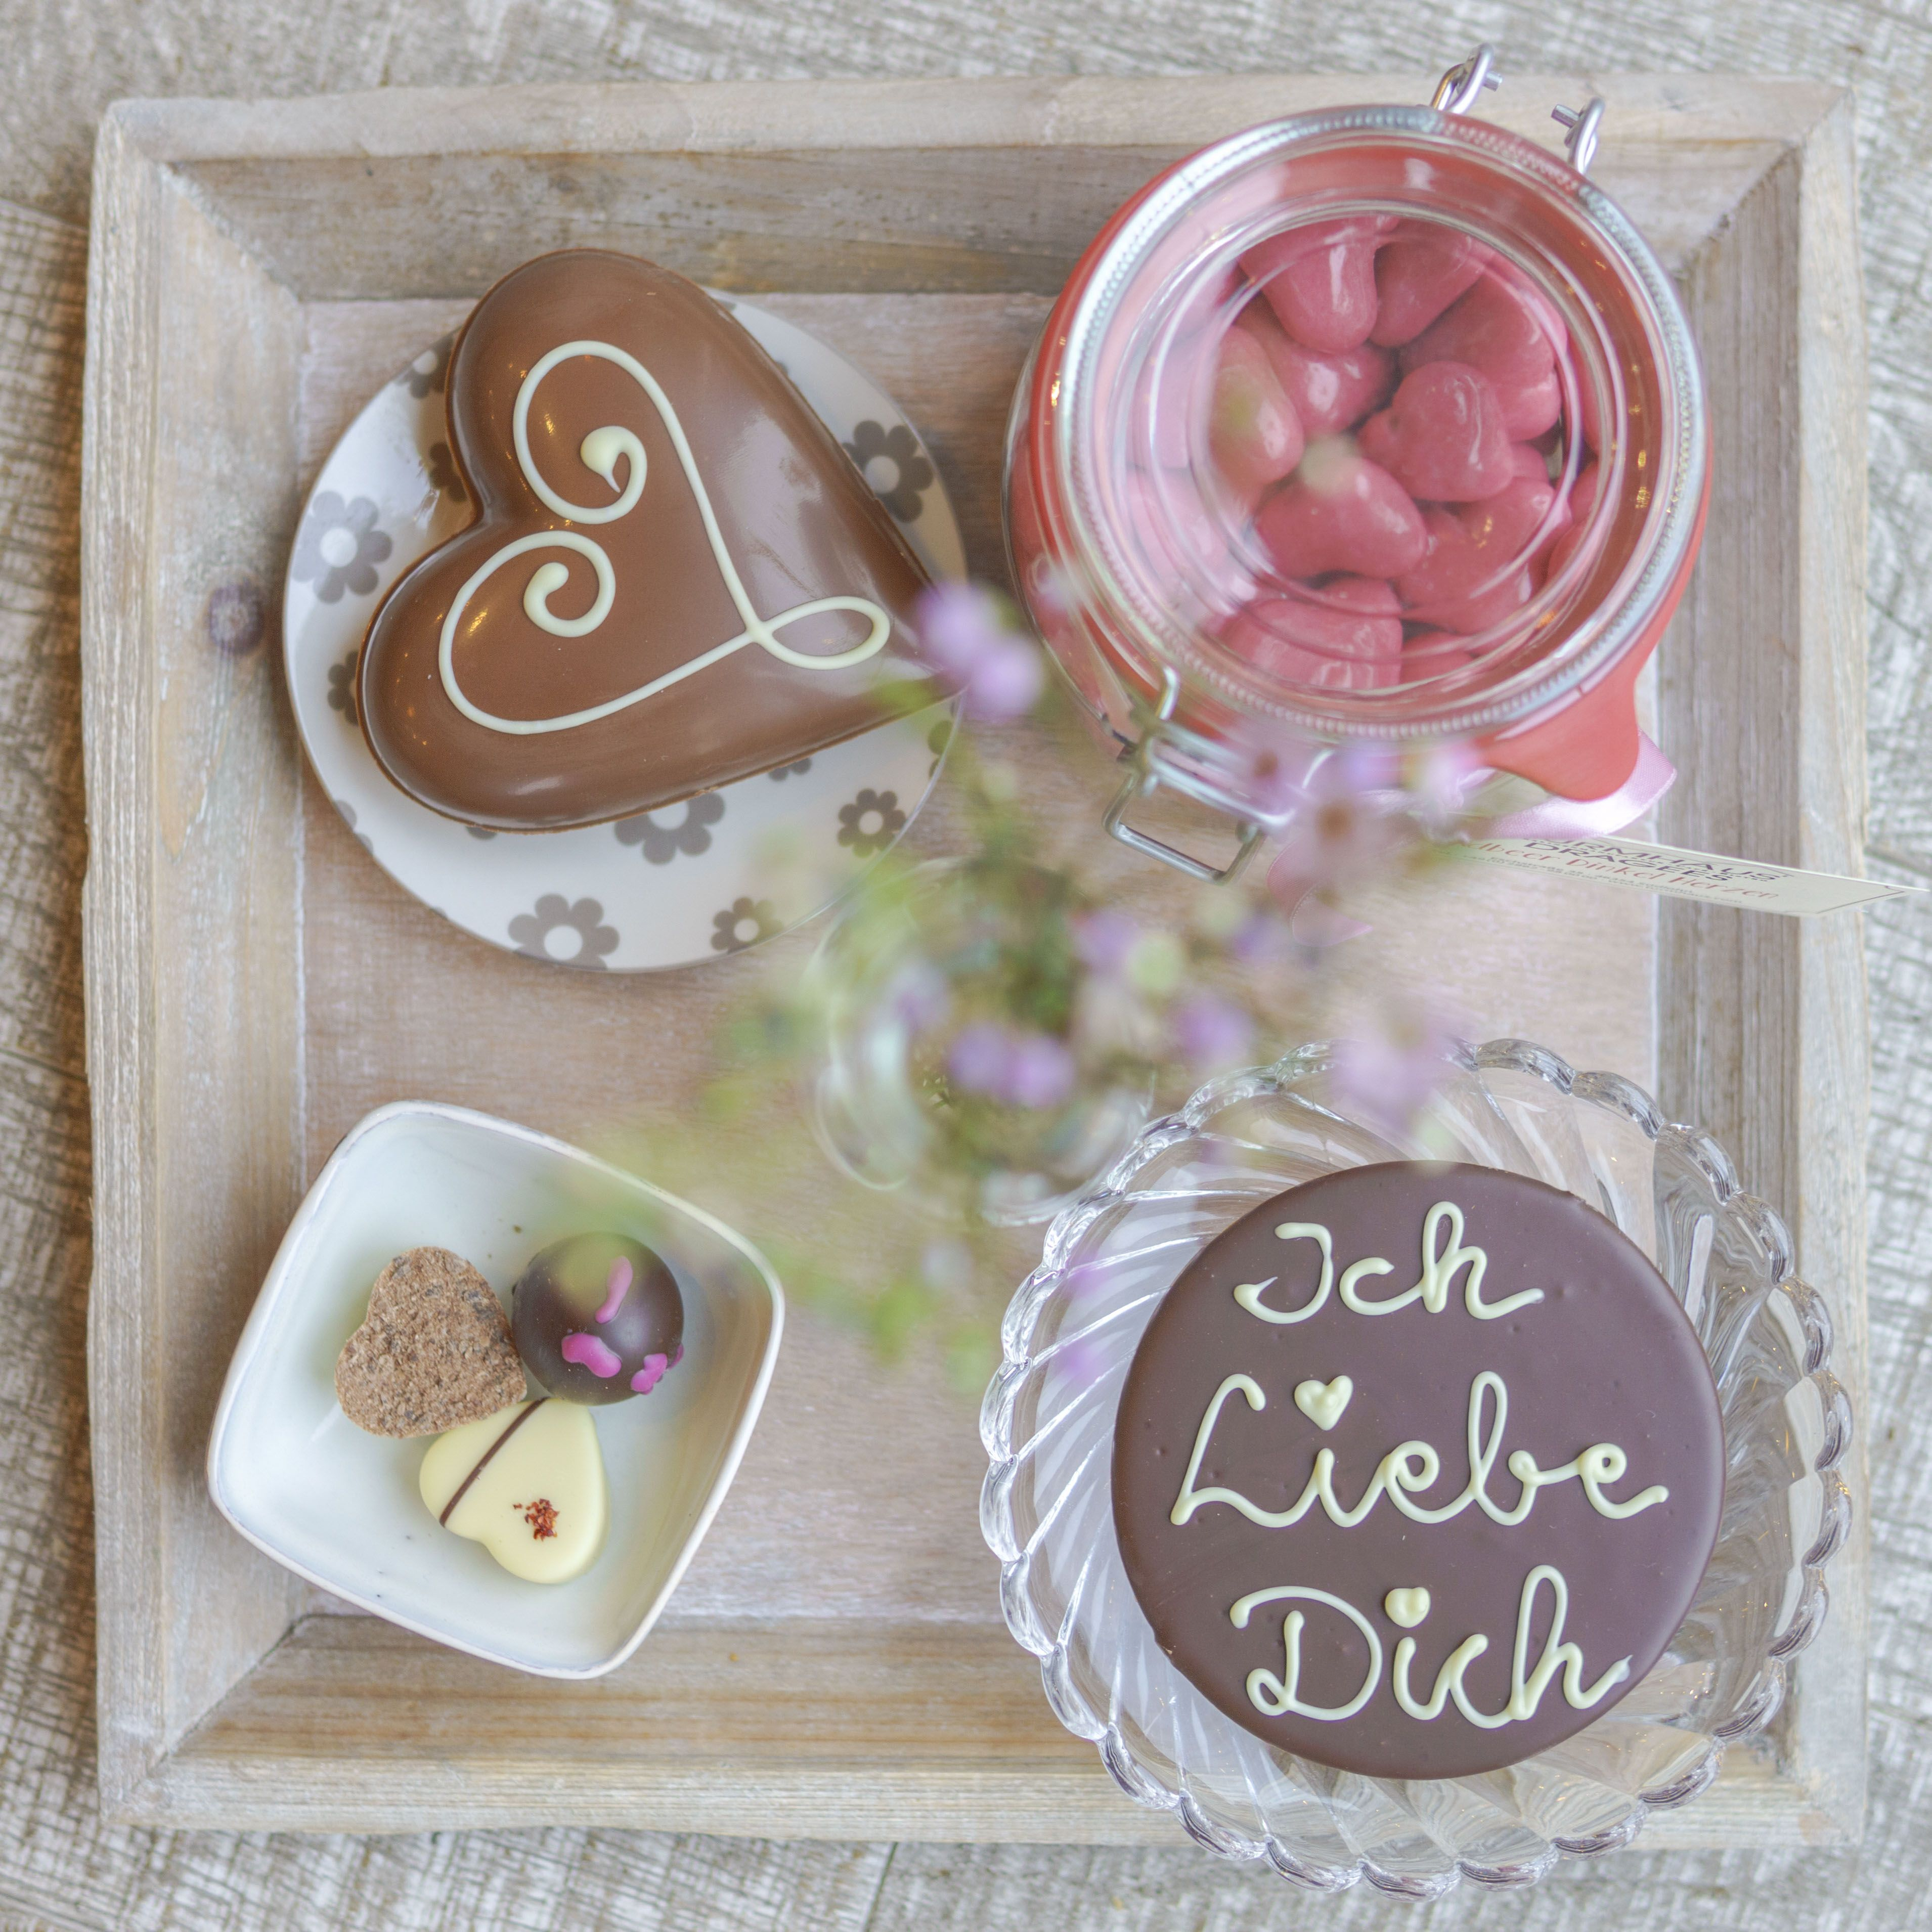 Valentinstag | Pralinen, Blumen Und Nette Worte | TURMHAUS | Geschenkideen  Valentines Day · Chocolate